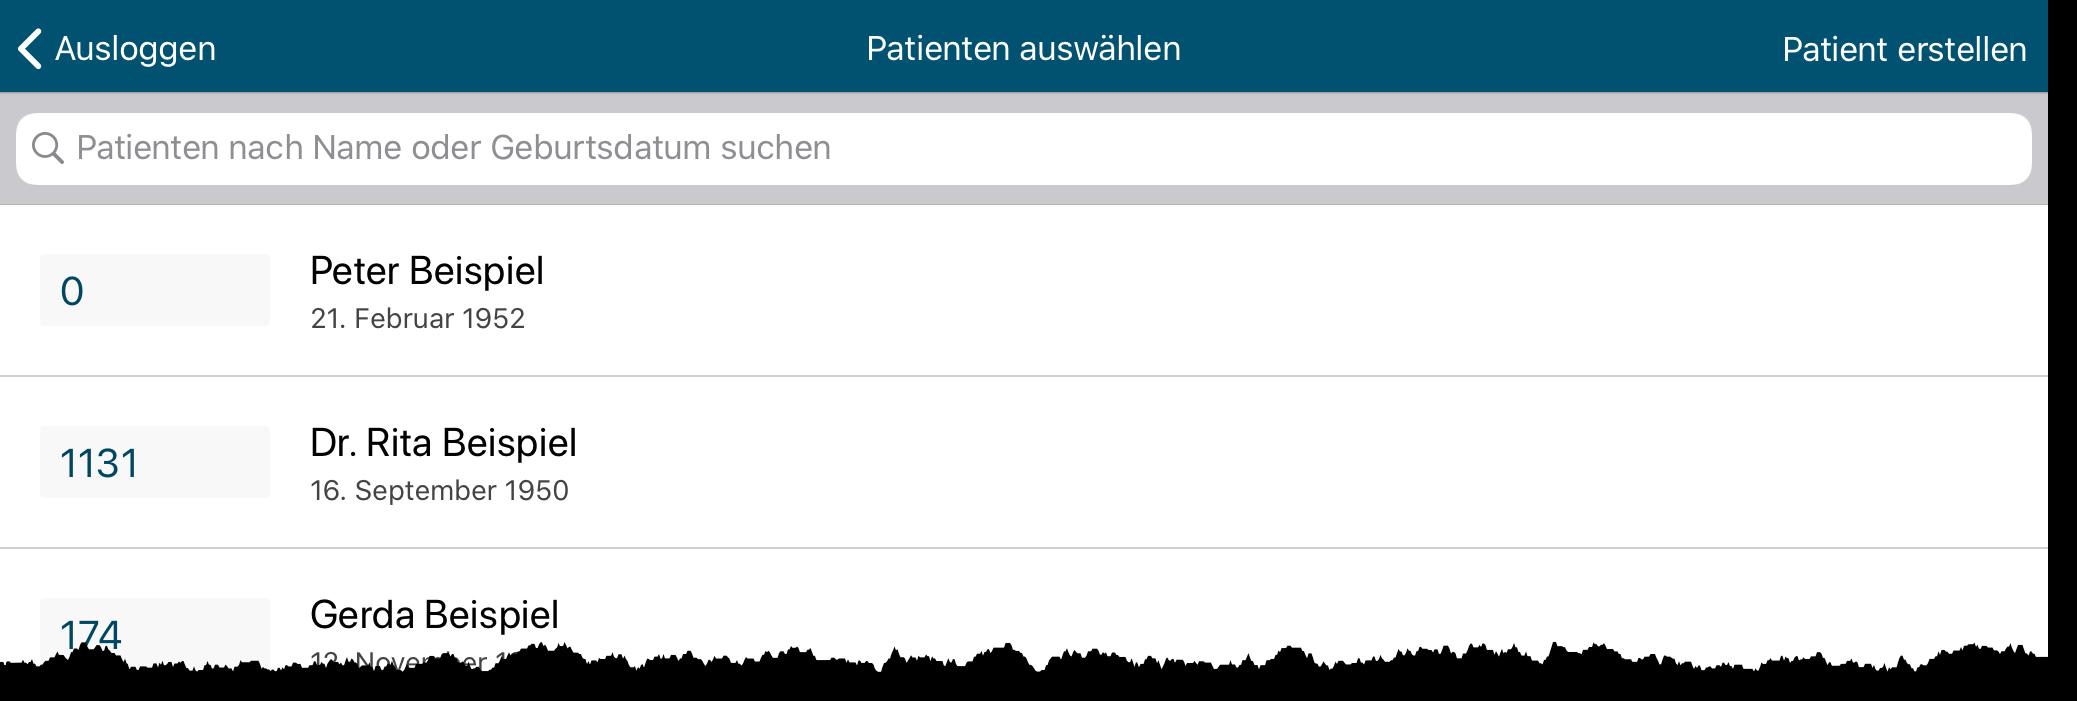 Athena-Patientenliste